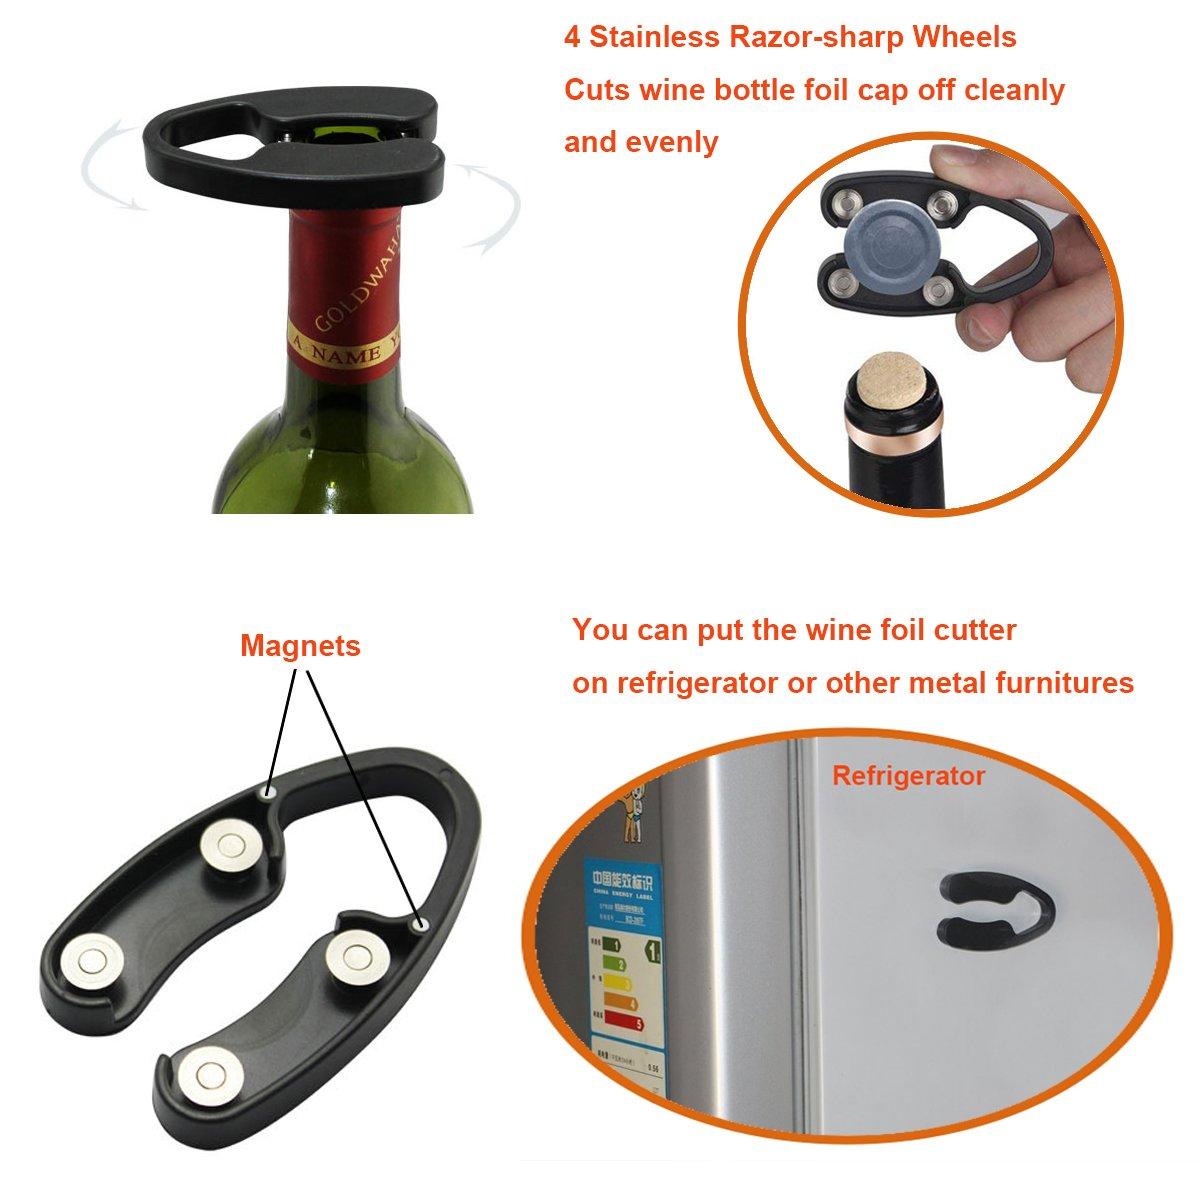 A/érateur de Vin Bec Verseur A/érateur de Vin Decanter Pic Vin Bec Verseur A/ération Bec Verseur pour vins Rouges et Blancs